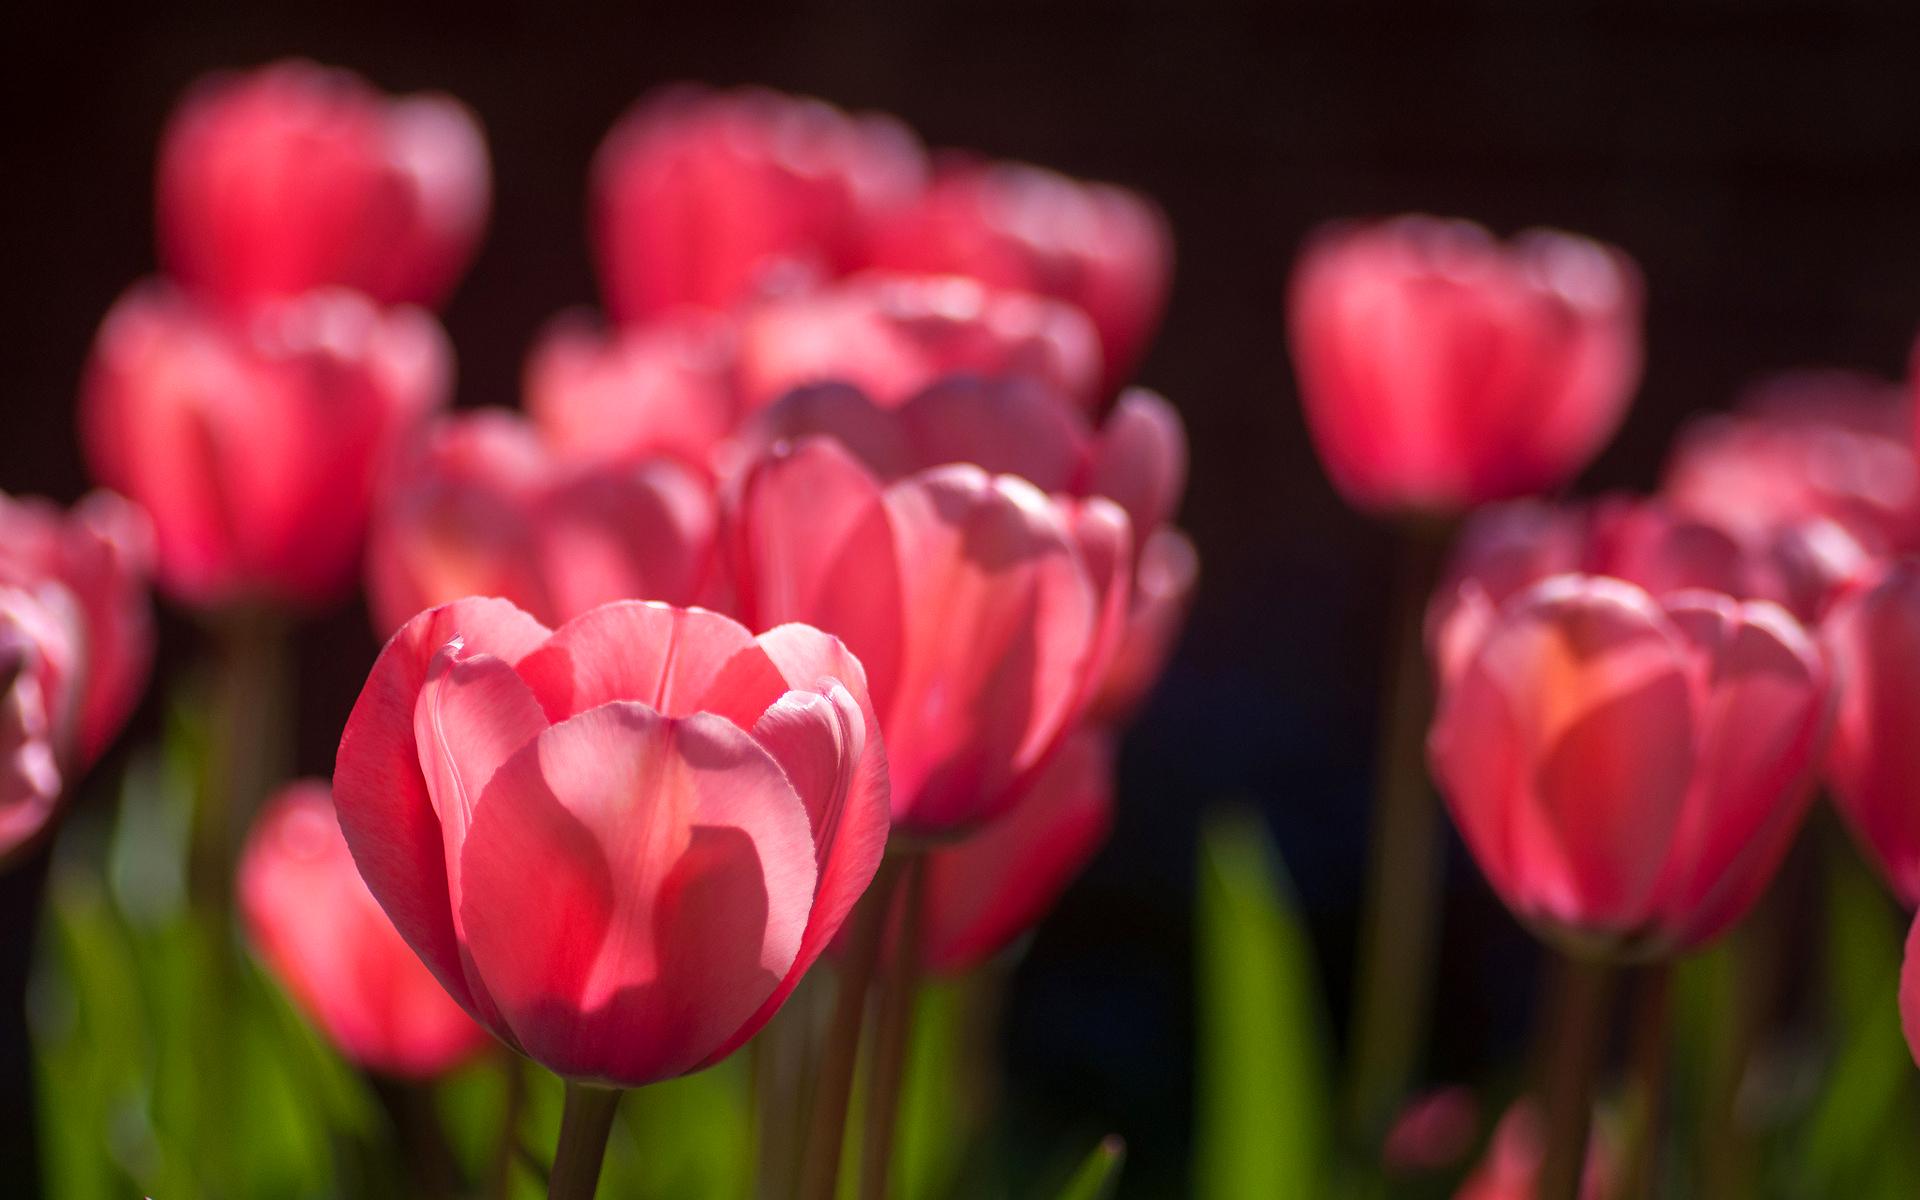 Tulips Hd Hd Desktop Wallpapers 4k Hd